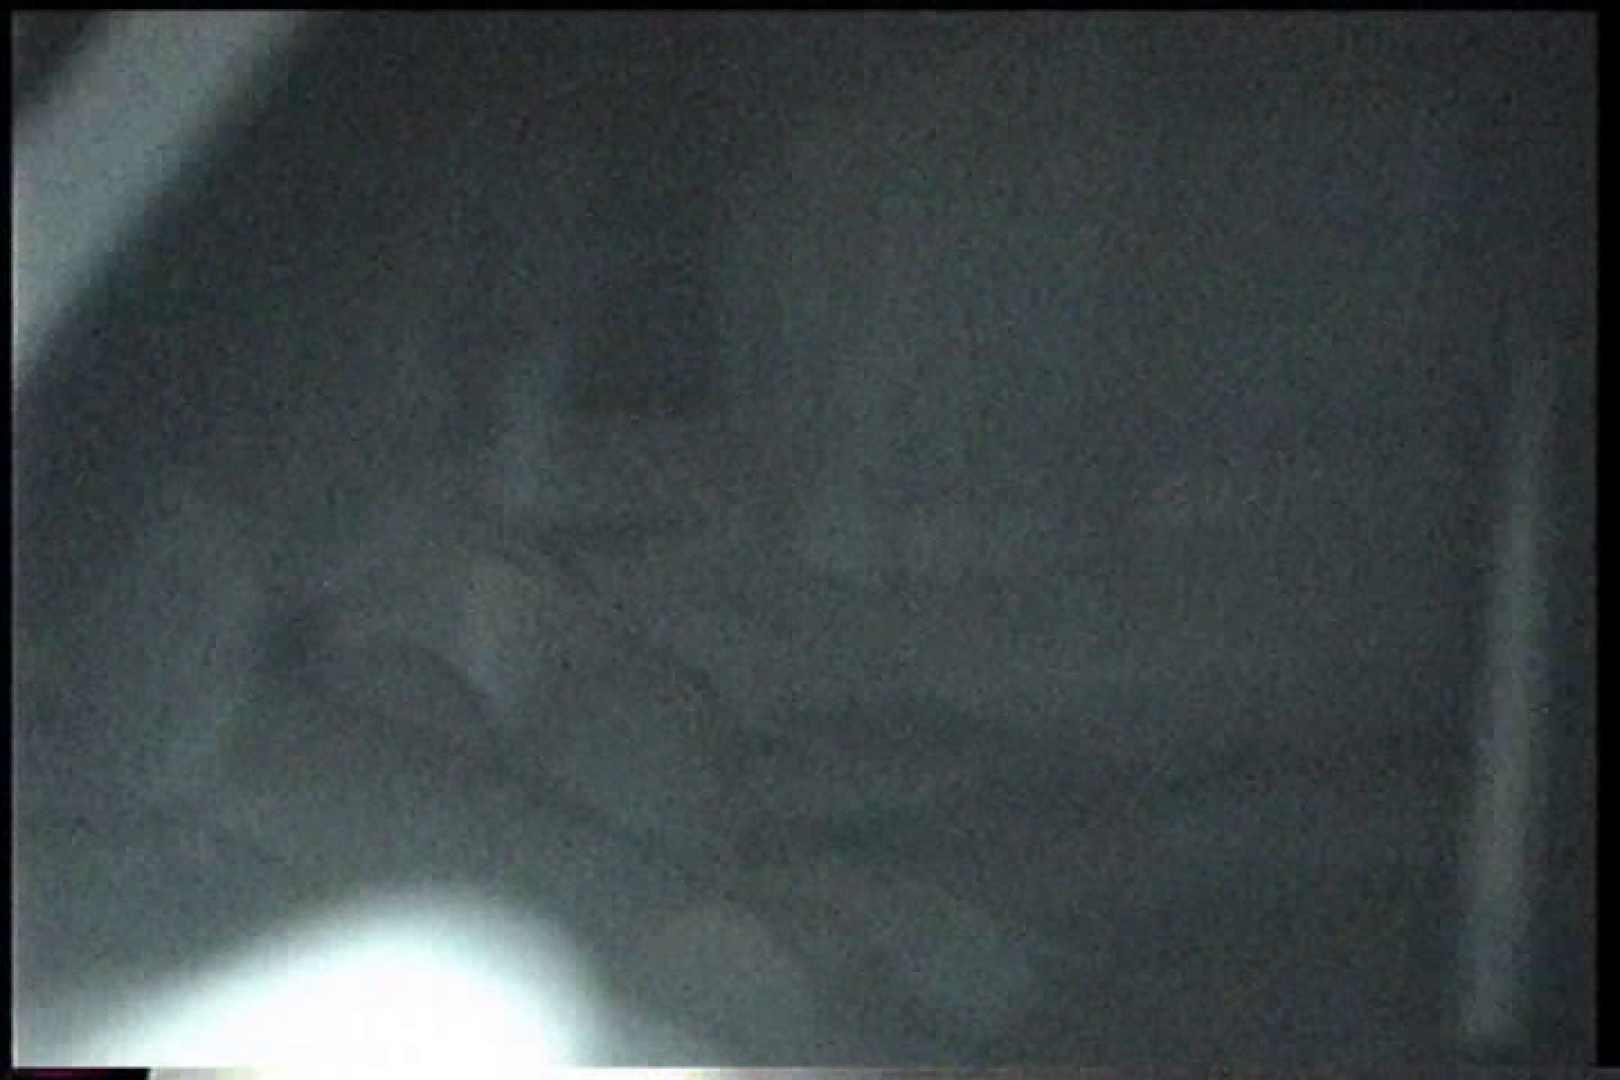 充血監督の深夜の運動会Vol.177 前編 エロティックなOL  88画像 32